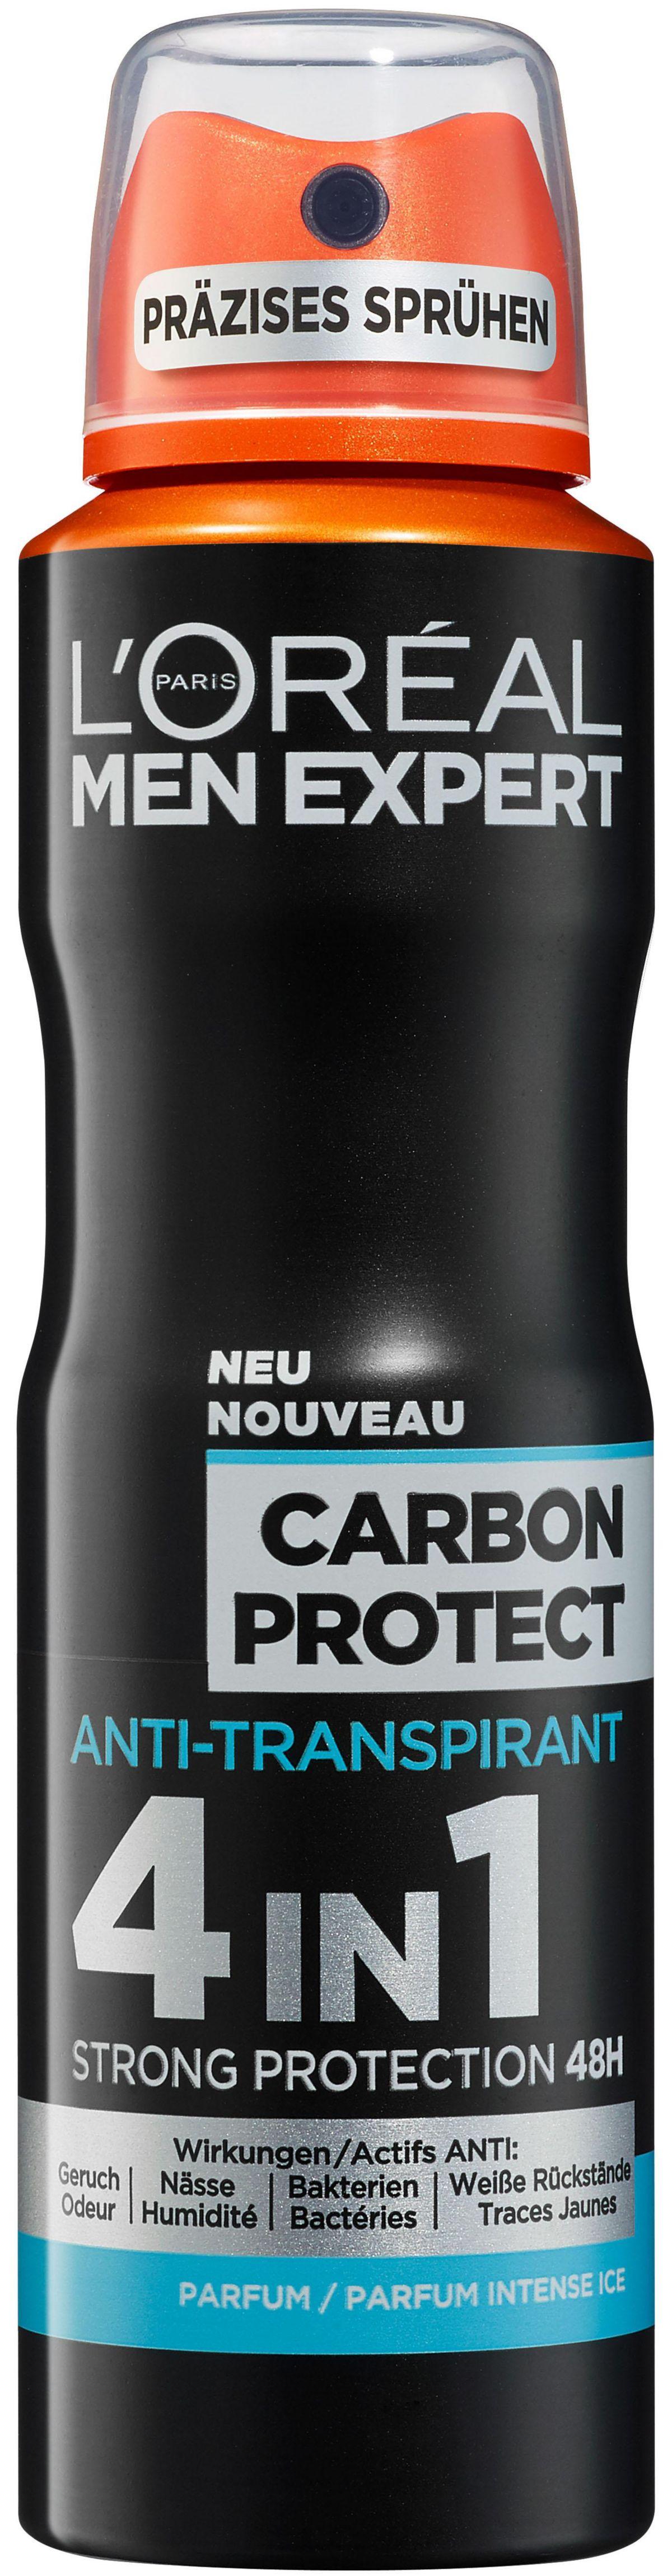 L´oréal Paris Men Expert, »Carbon Protect«, Deo-Spray